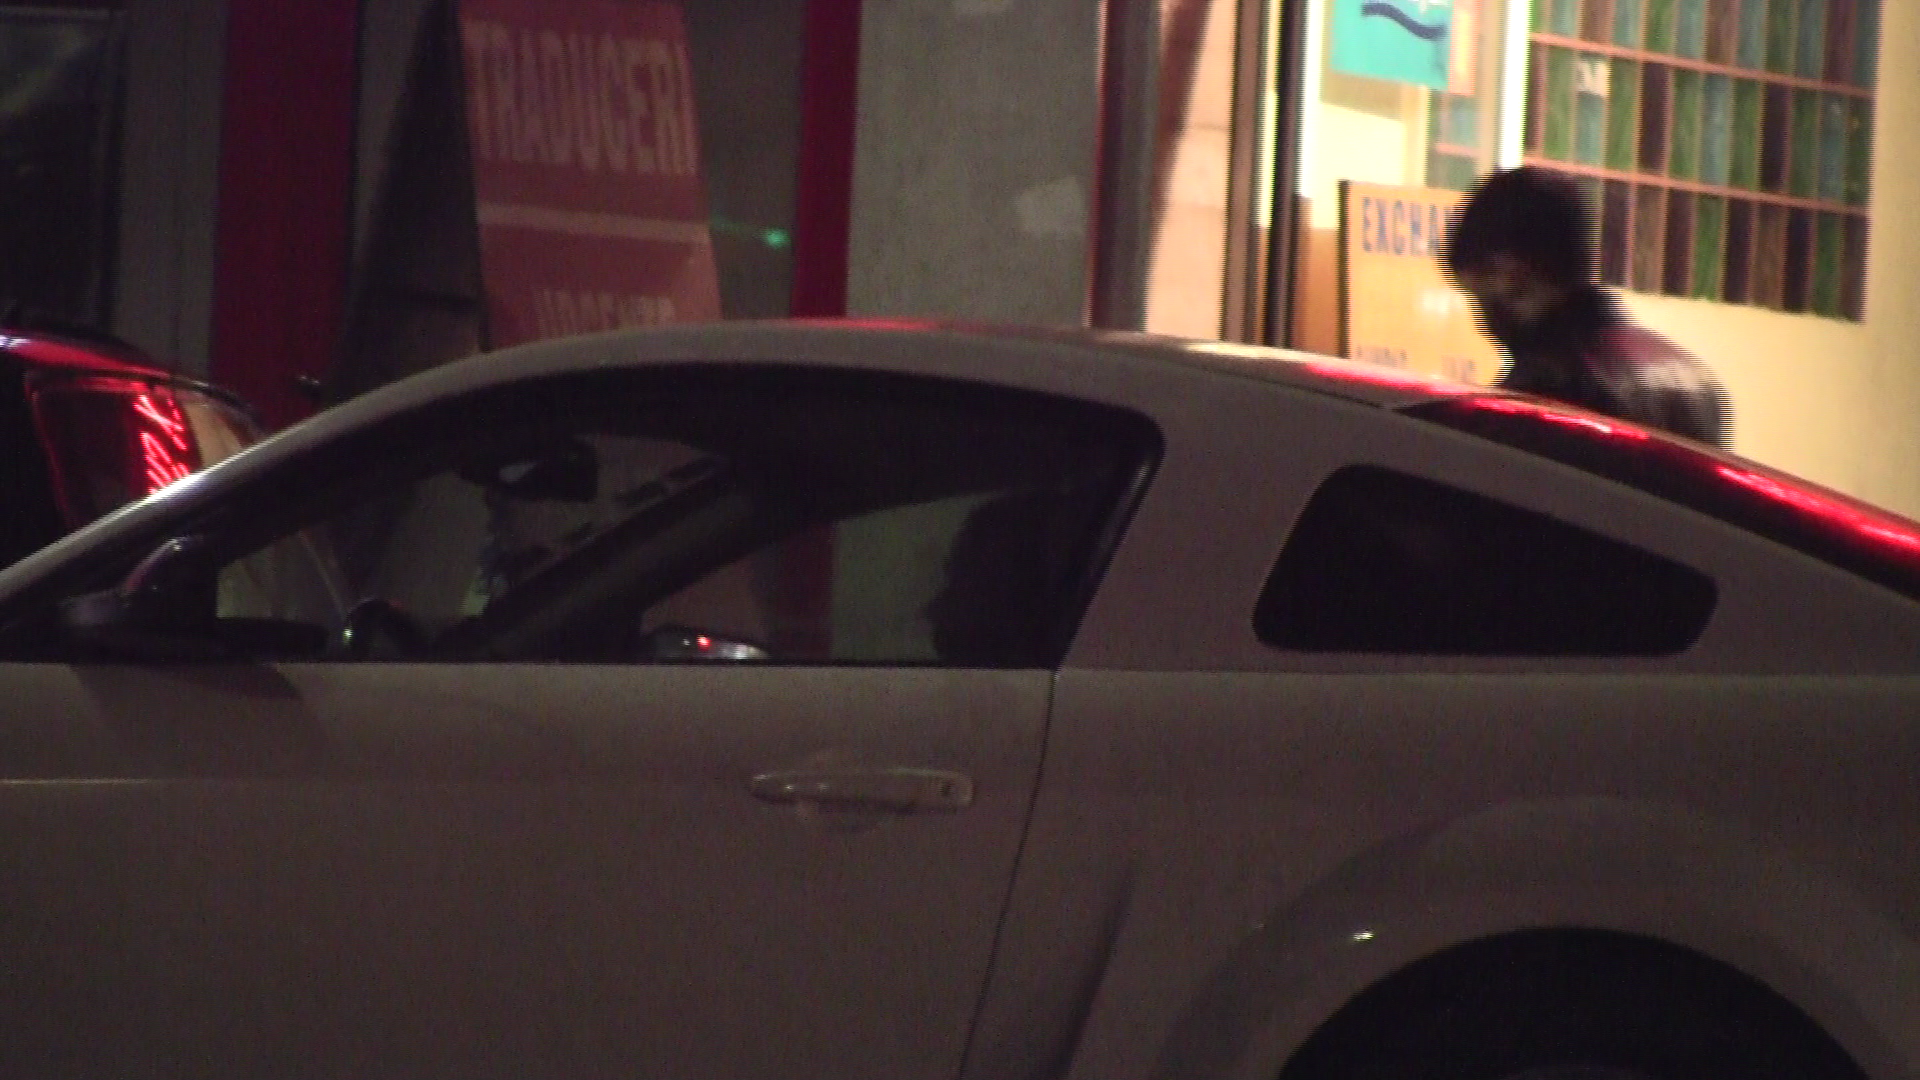 In timp ce luptatorul a schimbat niste bani, logodnica lui l-a asteptat cuminte in masina